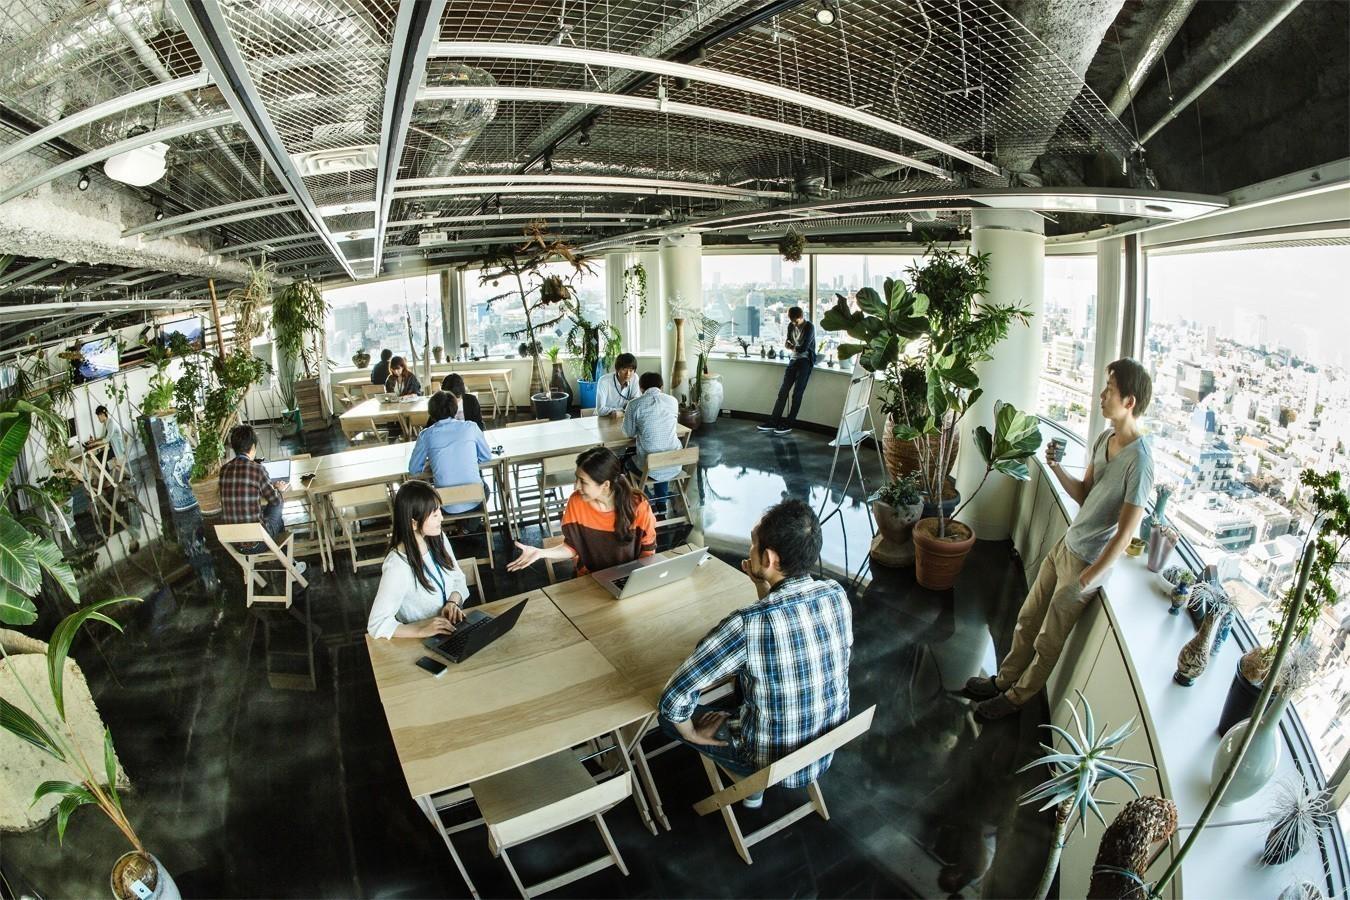 6/6(木)【表参道】iOSアプリエンジニアとお寿司を食べて交流する会